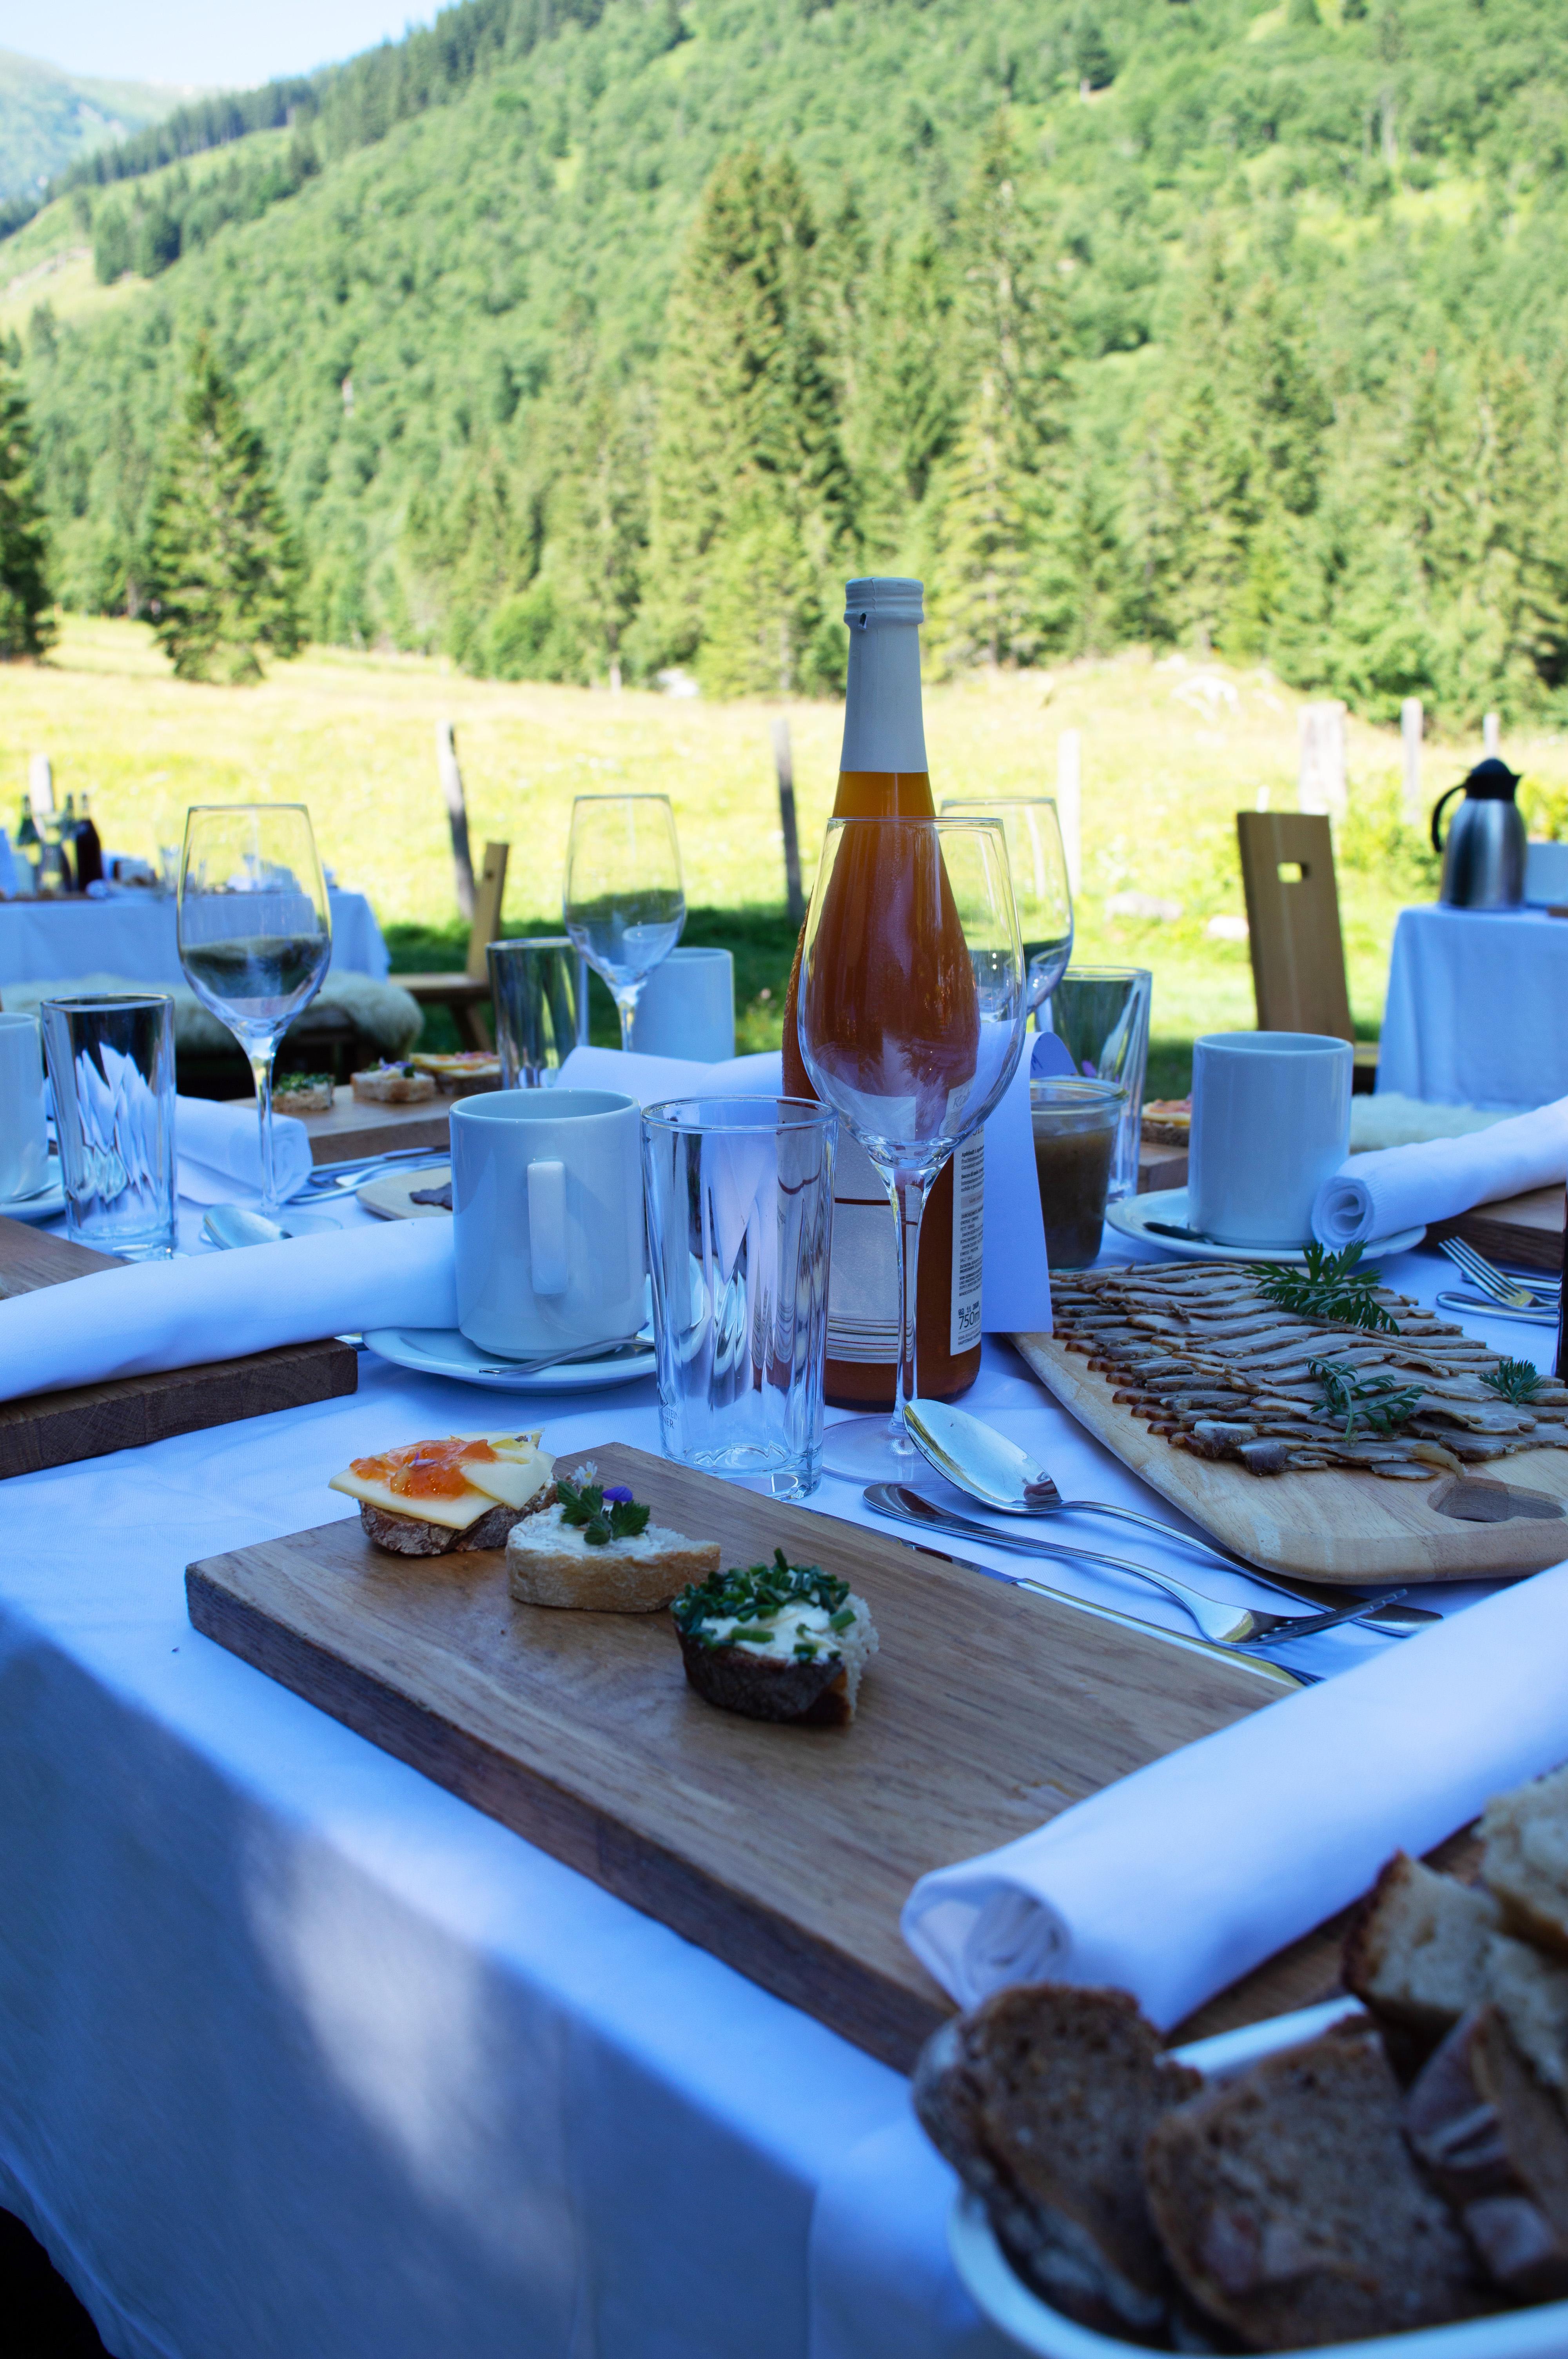 Köstliche Regionale Schmankerl am gedeckten Tisch